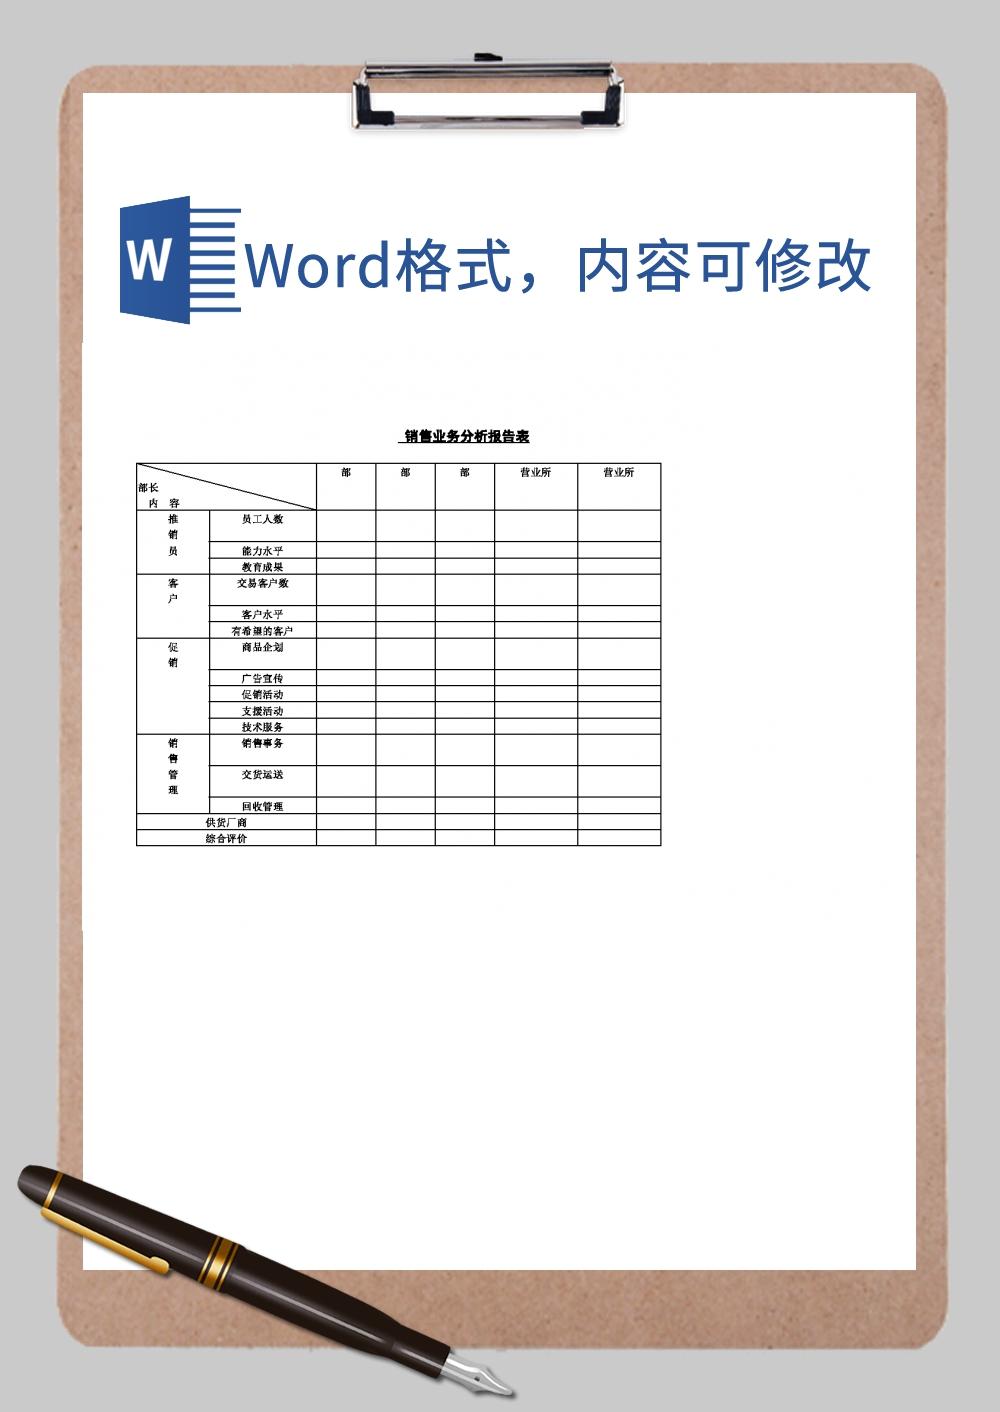 销售业务分析报告表Word模板